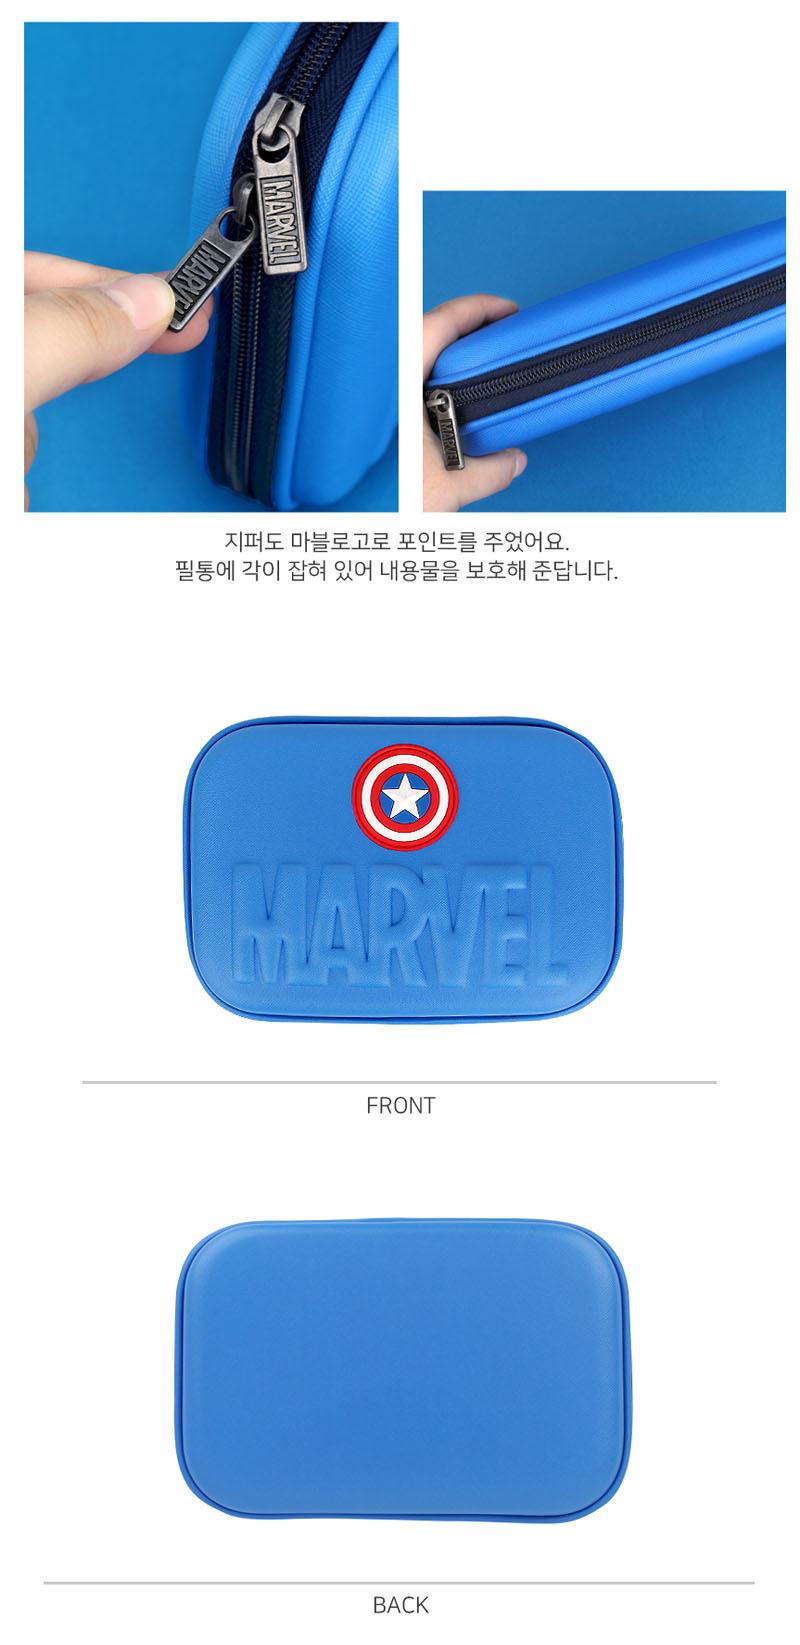 캡틴 몬스터 EVA 파우치 마블 로고 MV0496 - 쥬피터, 23,800원, 패브릭필통, 캐릭터